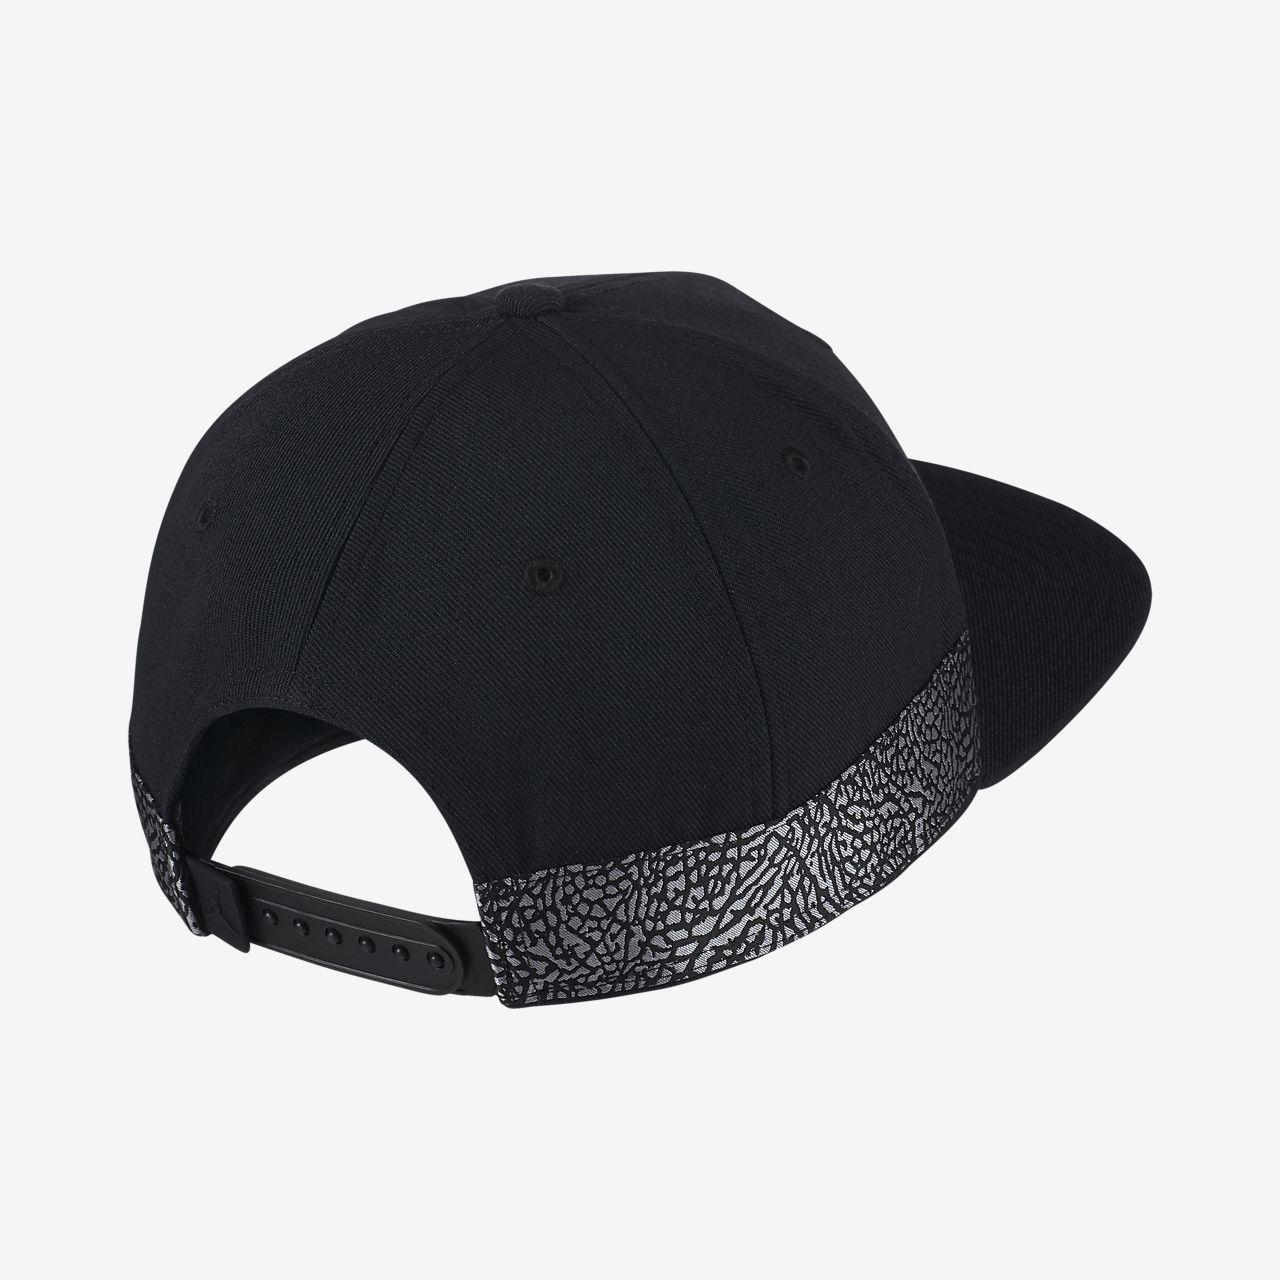 9a653db62f4 Jordan Jumpman Pro AJ3 Adjustable Hat